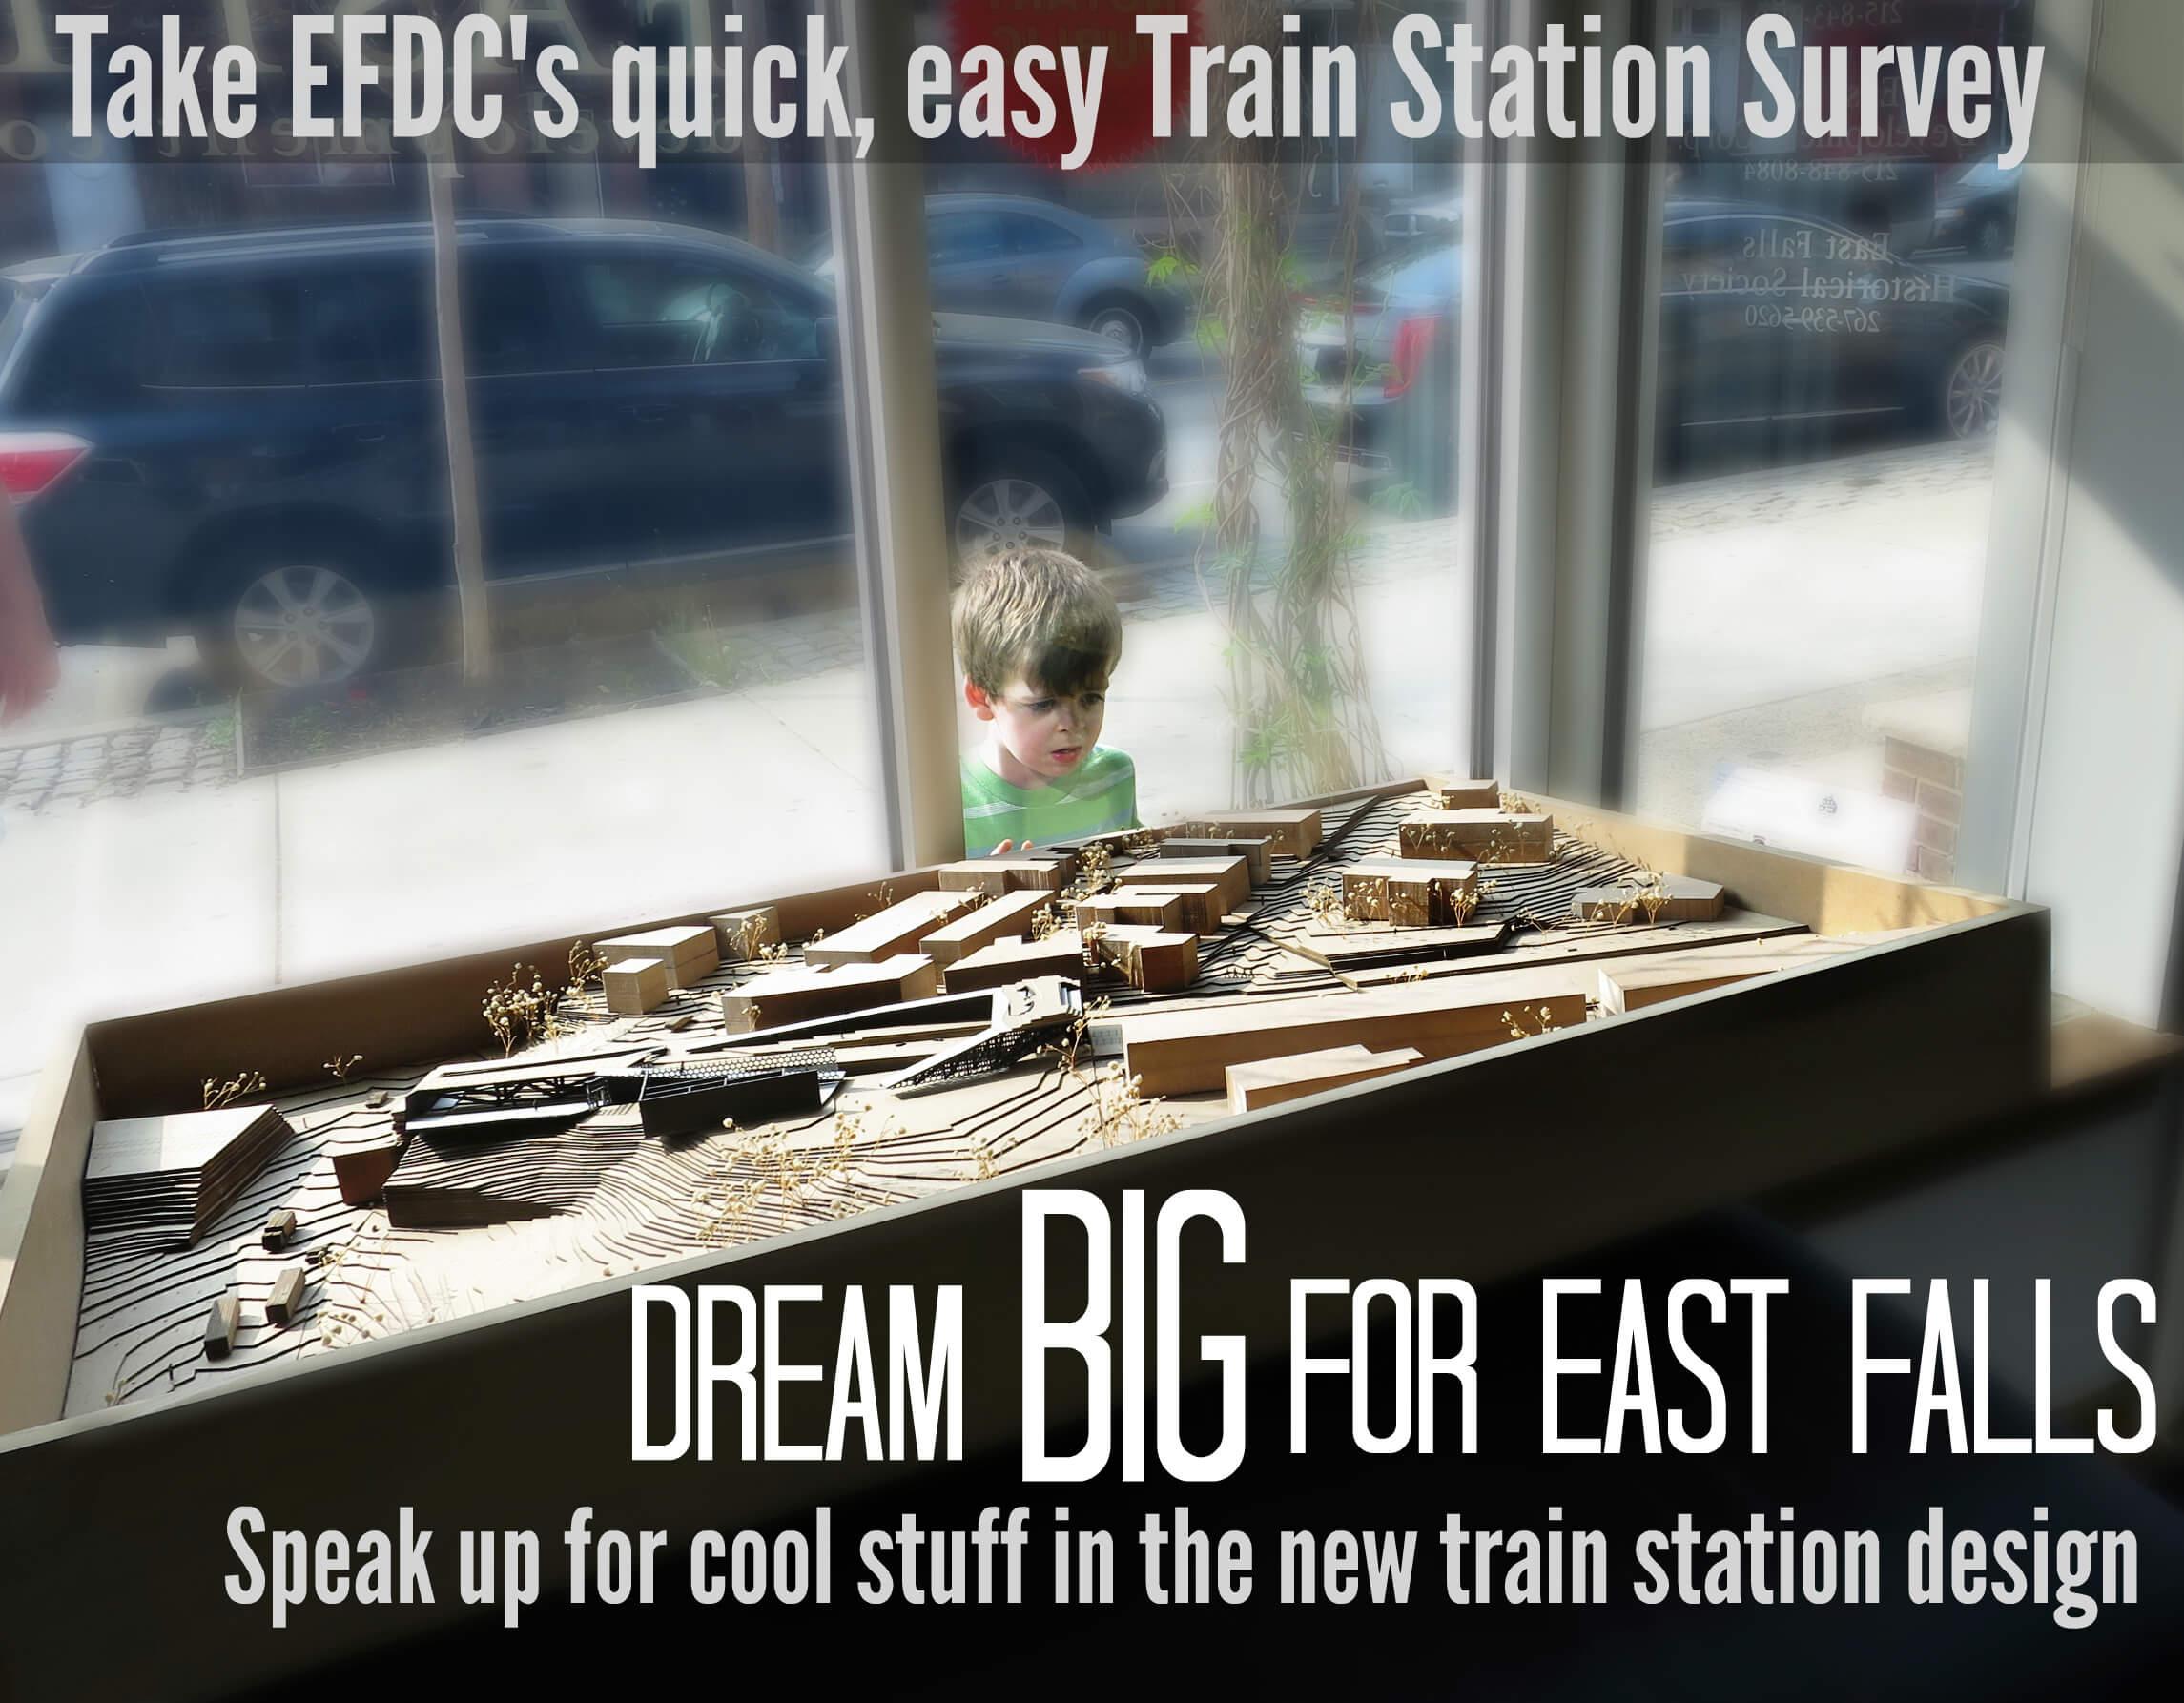 Eastfallslocal meme 2 5-7 Kid staring at models for train station